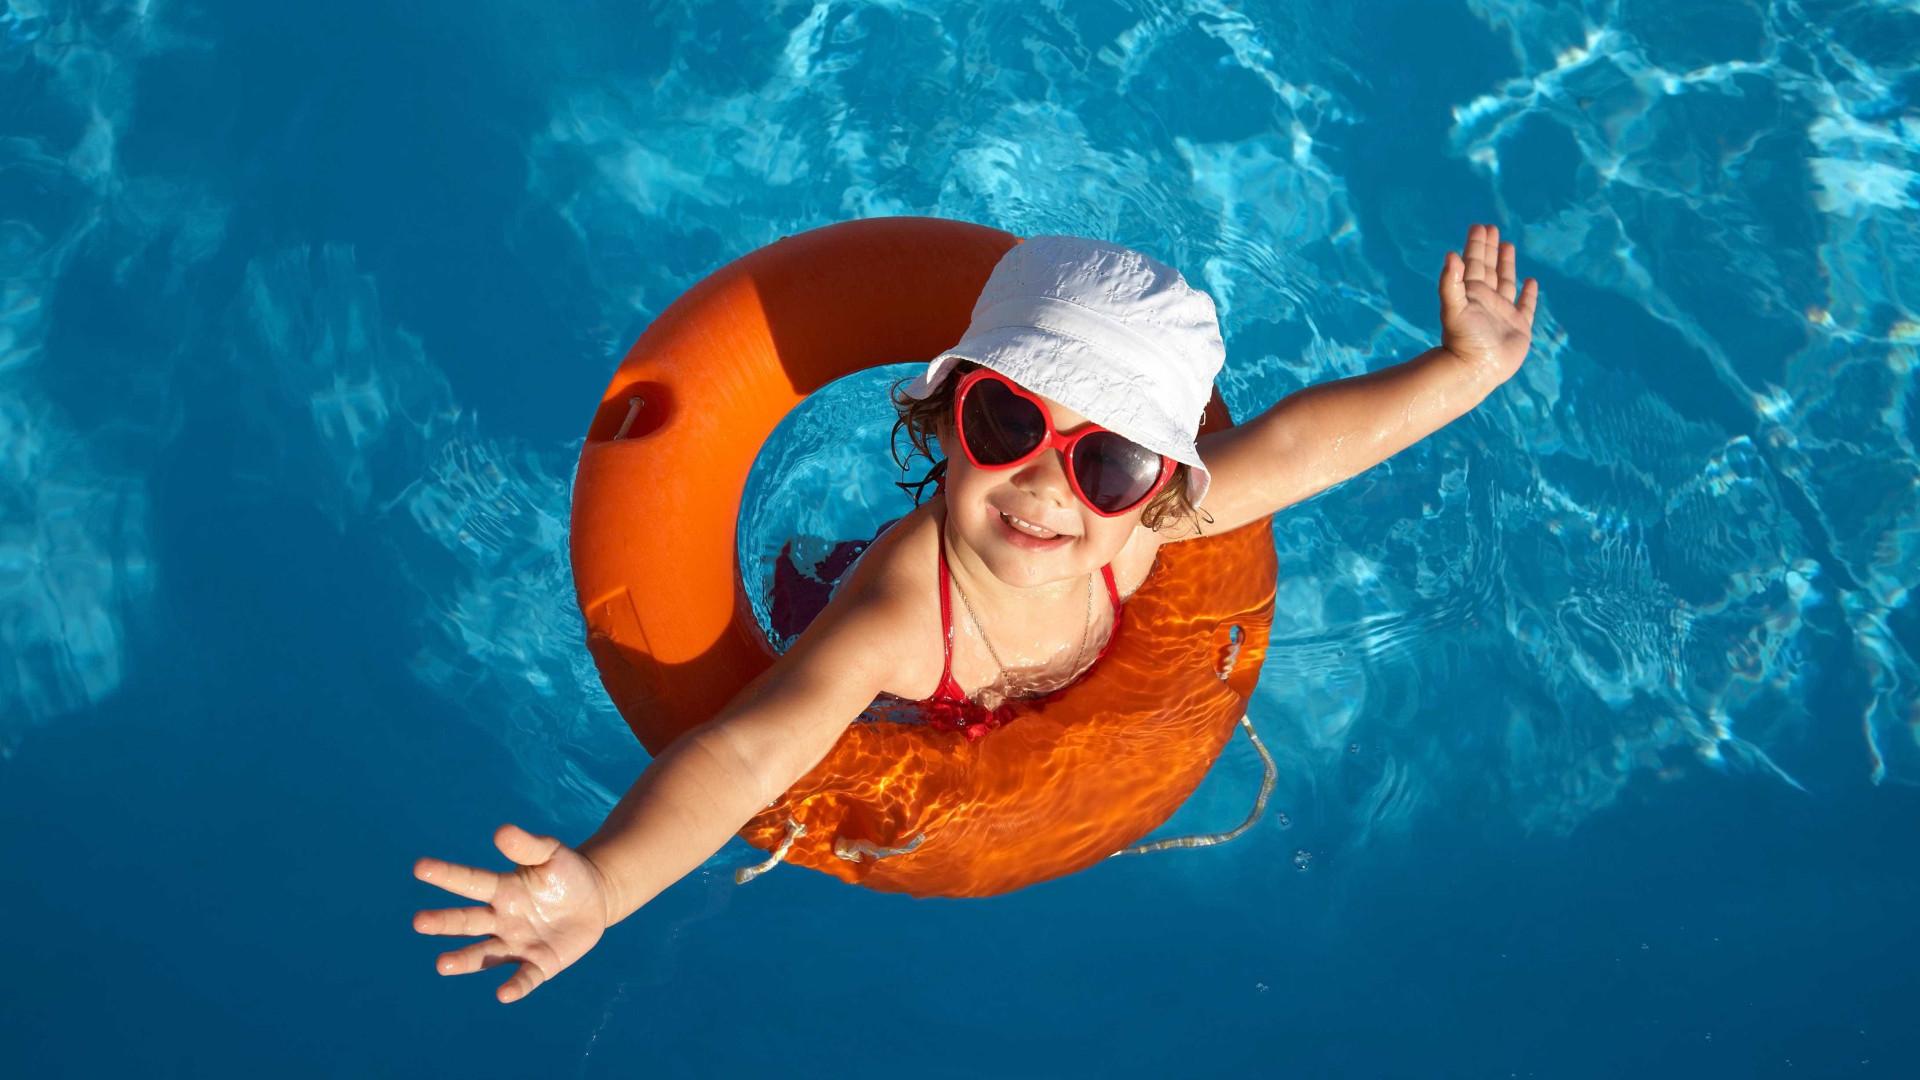 Verão propaga doenças nos olhos; saiba como prevenir